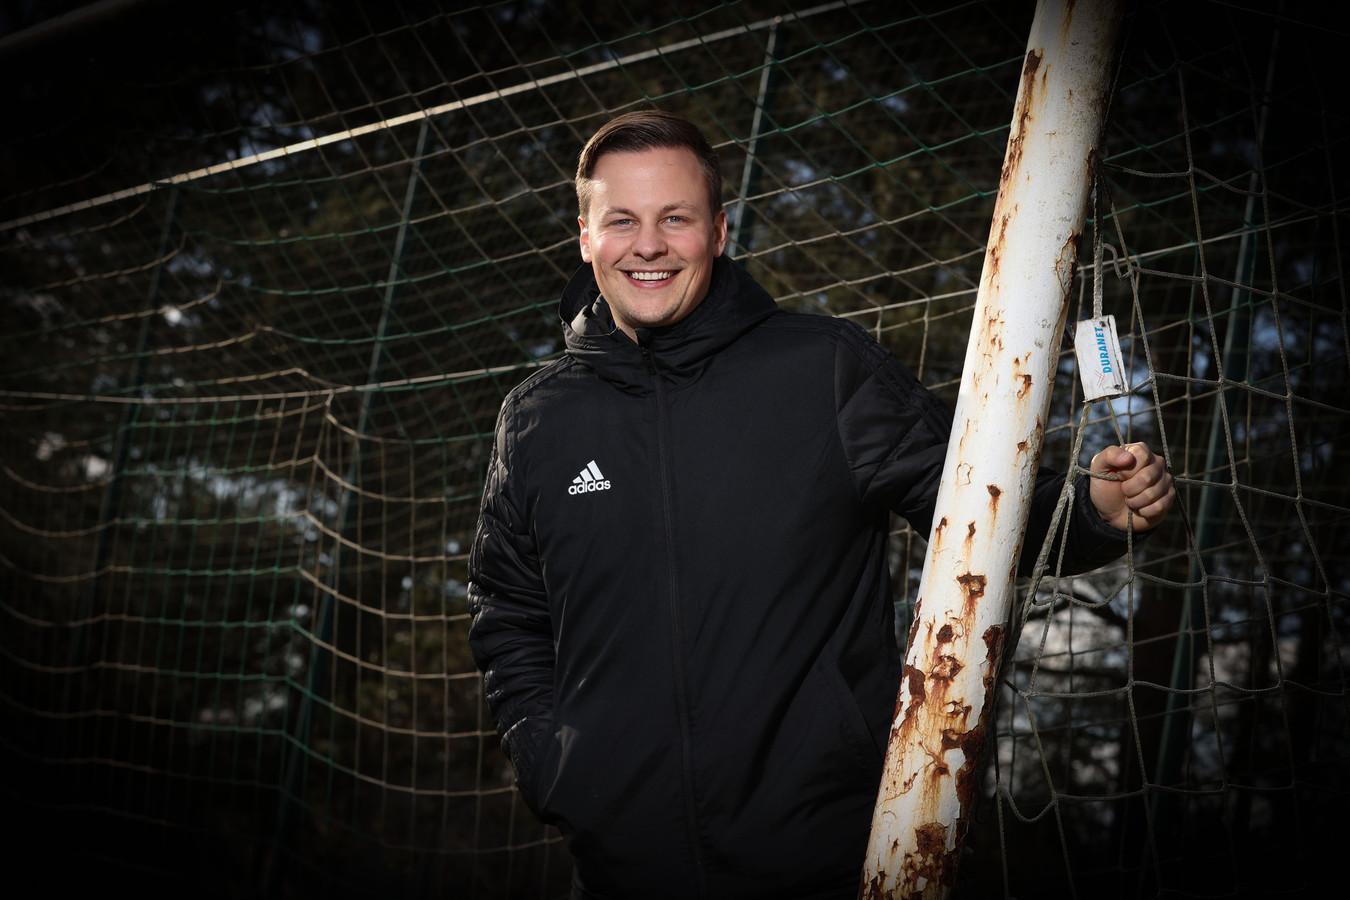 Als T1 van de Belgische beloftenploeg zal Thomas Jansen nauw gaan samenwerken met Ives Serneels, de bondscoach van de Belgian Red Flames. En dat alles met één doel: het Belgisch vrouwenvoetbal sterker maken.